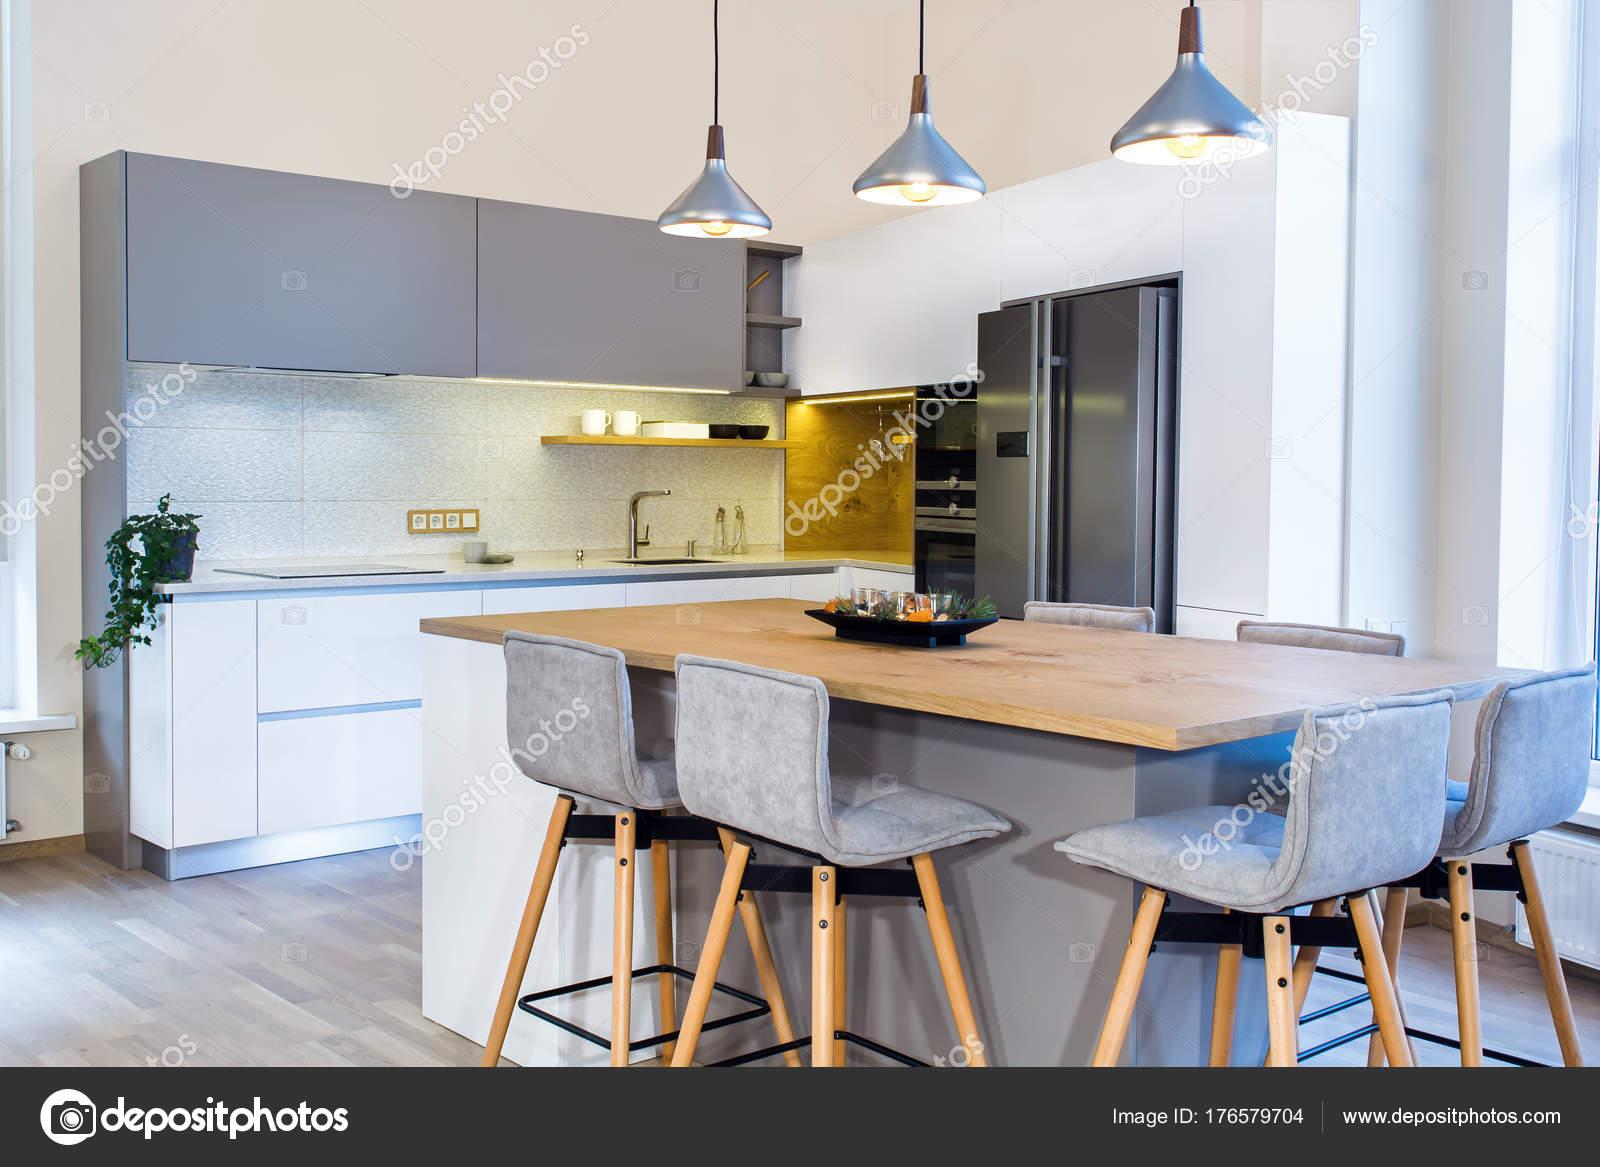 Moderna Casa Interior Projeto Cozinha Moderna Luz Interior Tamb M